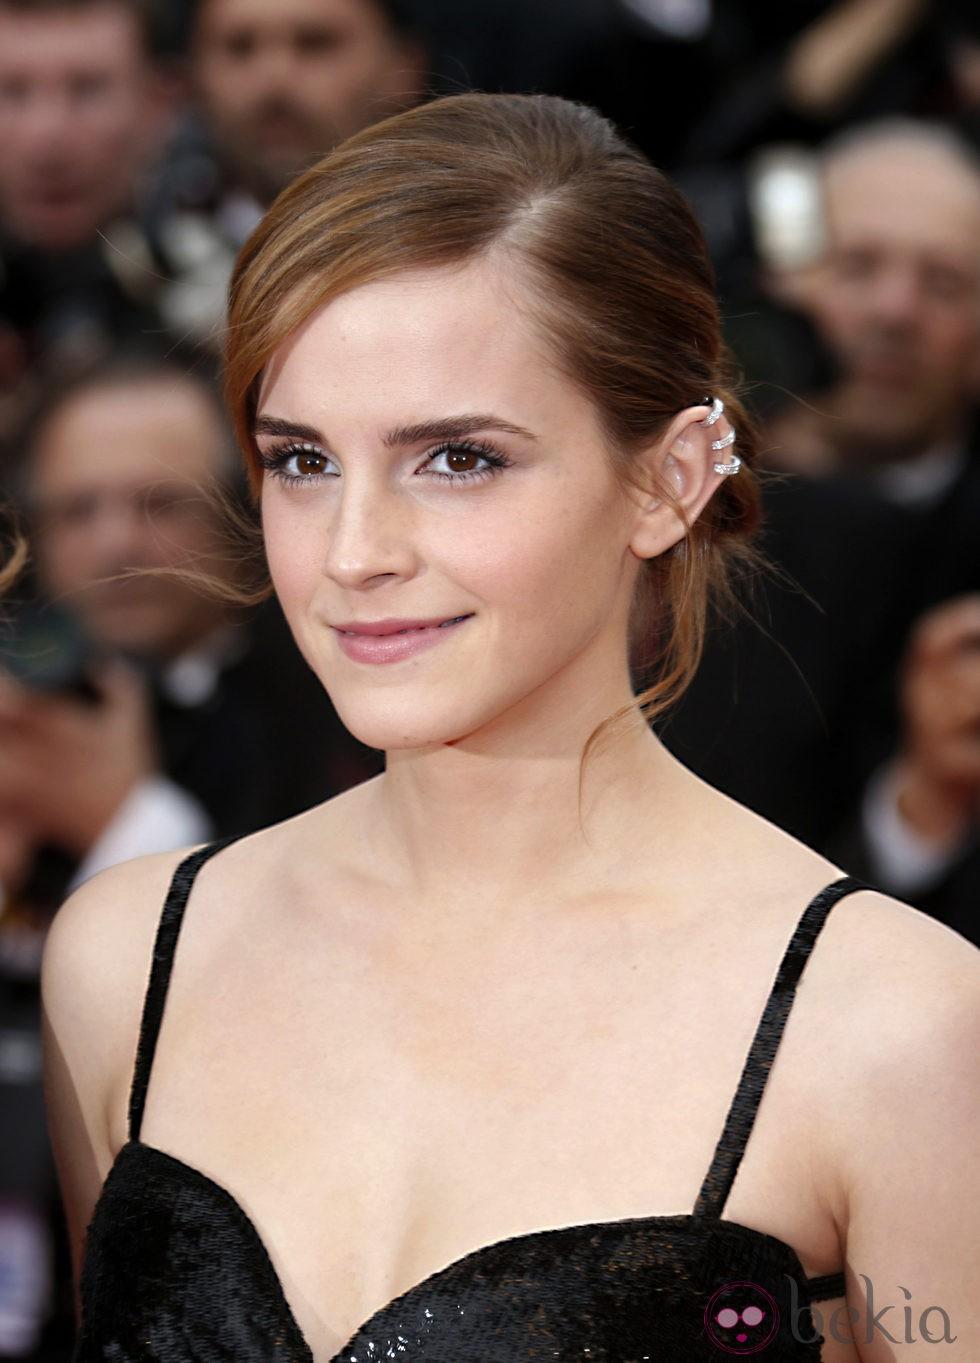 Emma Watson presentando 'The Bling Ring' en el Festival de Cannes 2013